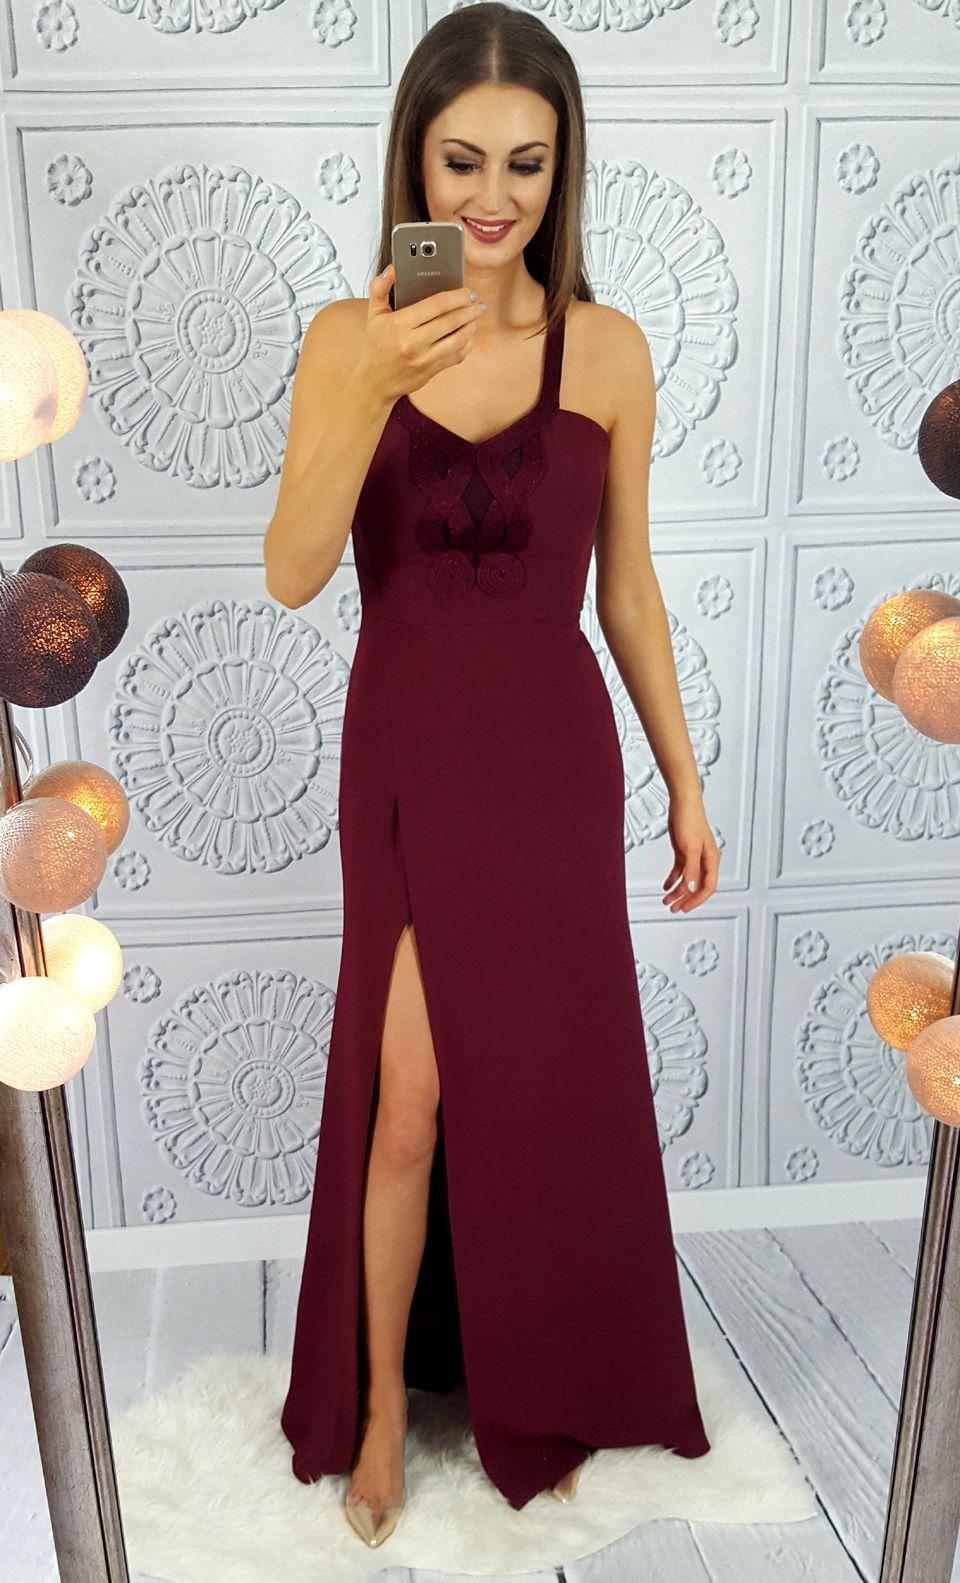 ef9c1fb69e Długa bordowa elegancka sukienka na bal